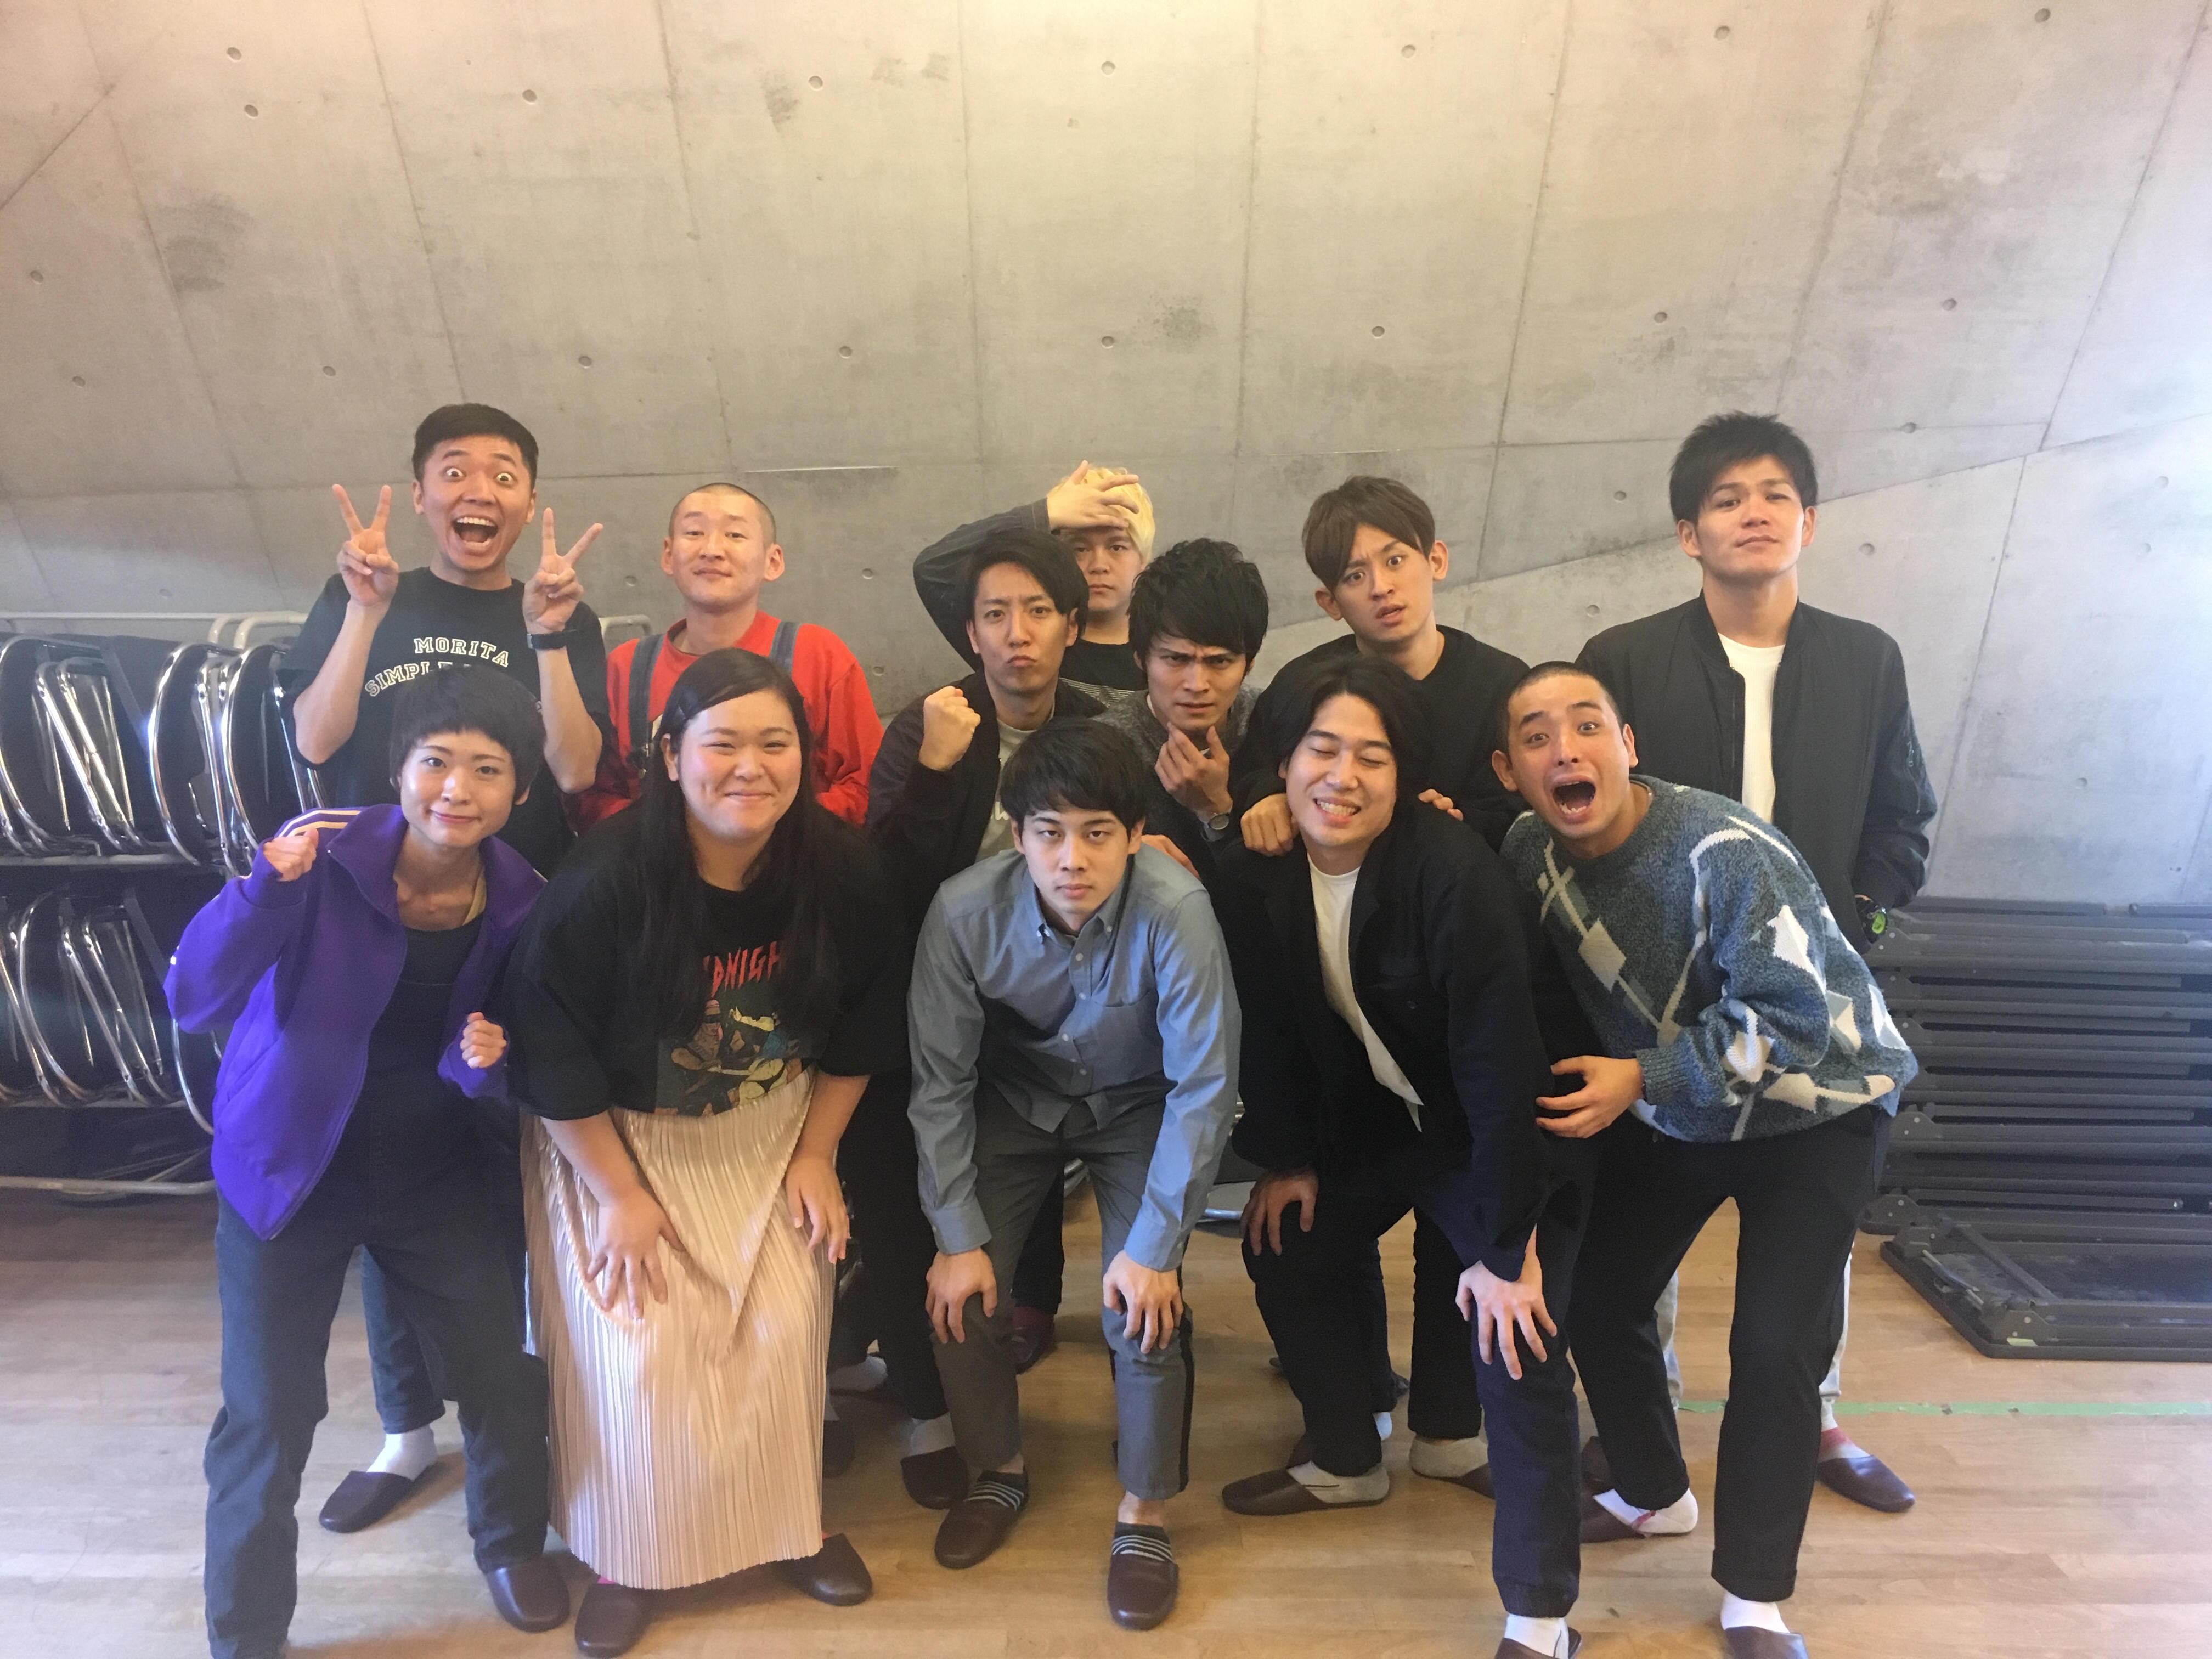 http://news.yoshimoto.co.jp/20171204152014-53e1ce76d642d3593128cd13a291d67ae4ba7876.jpg